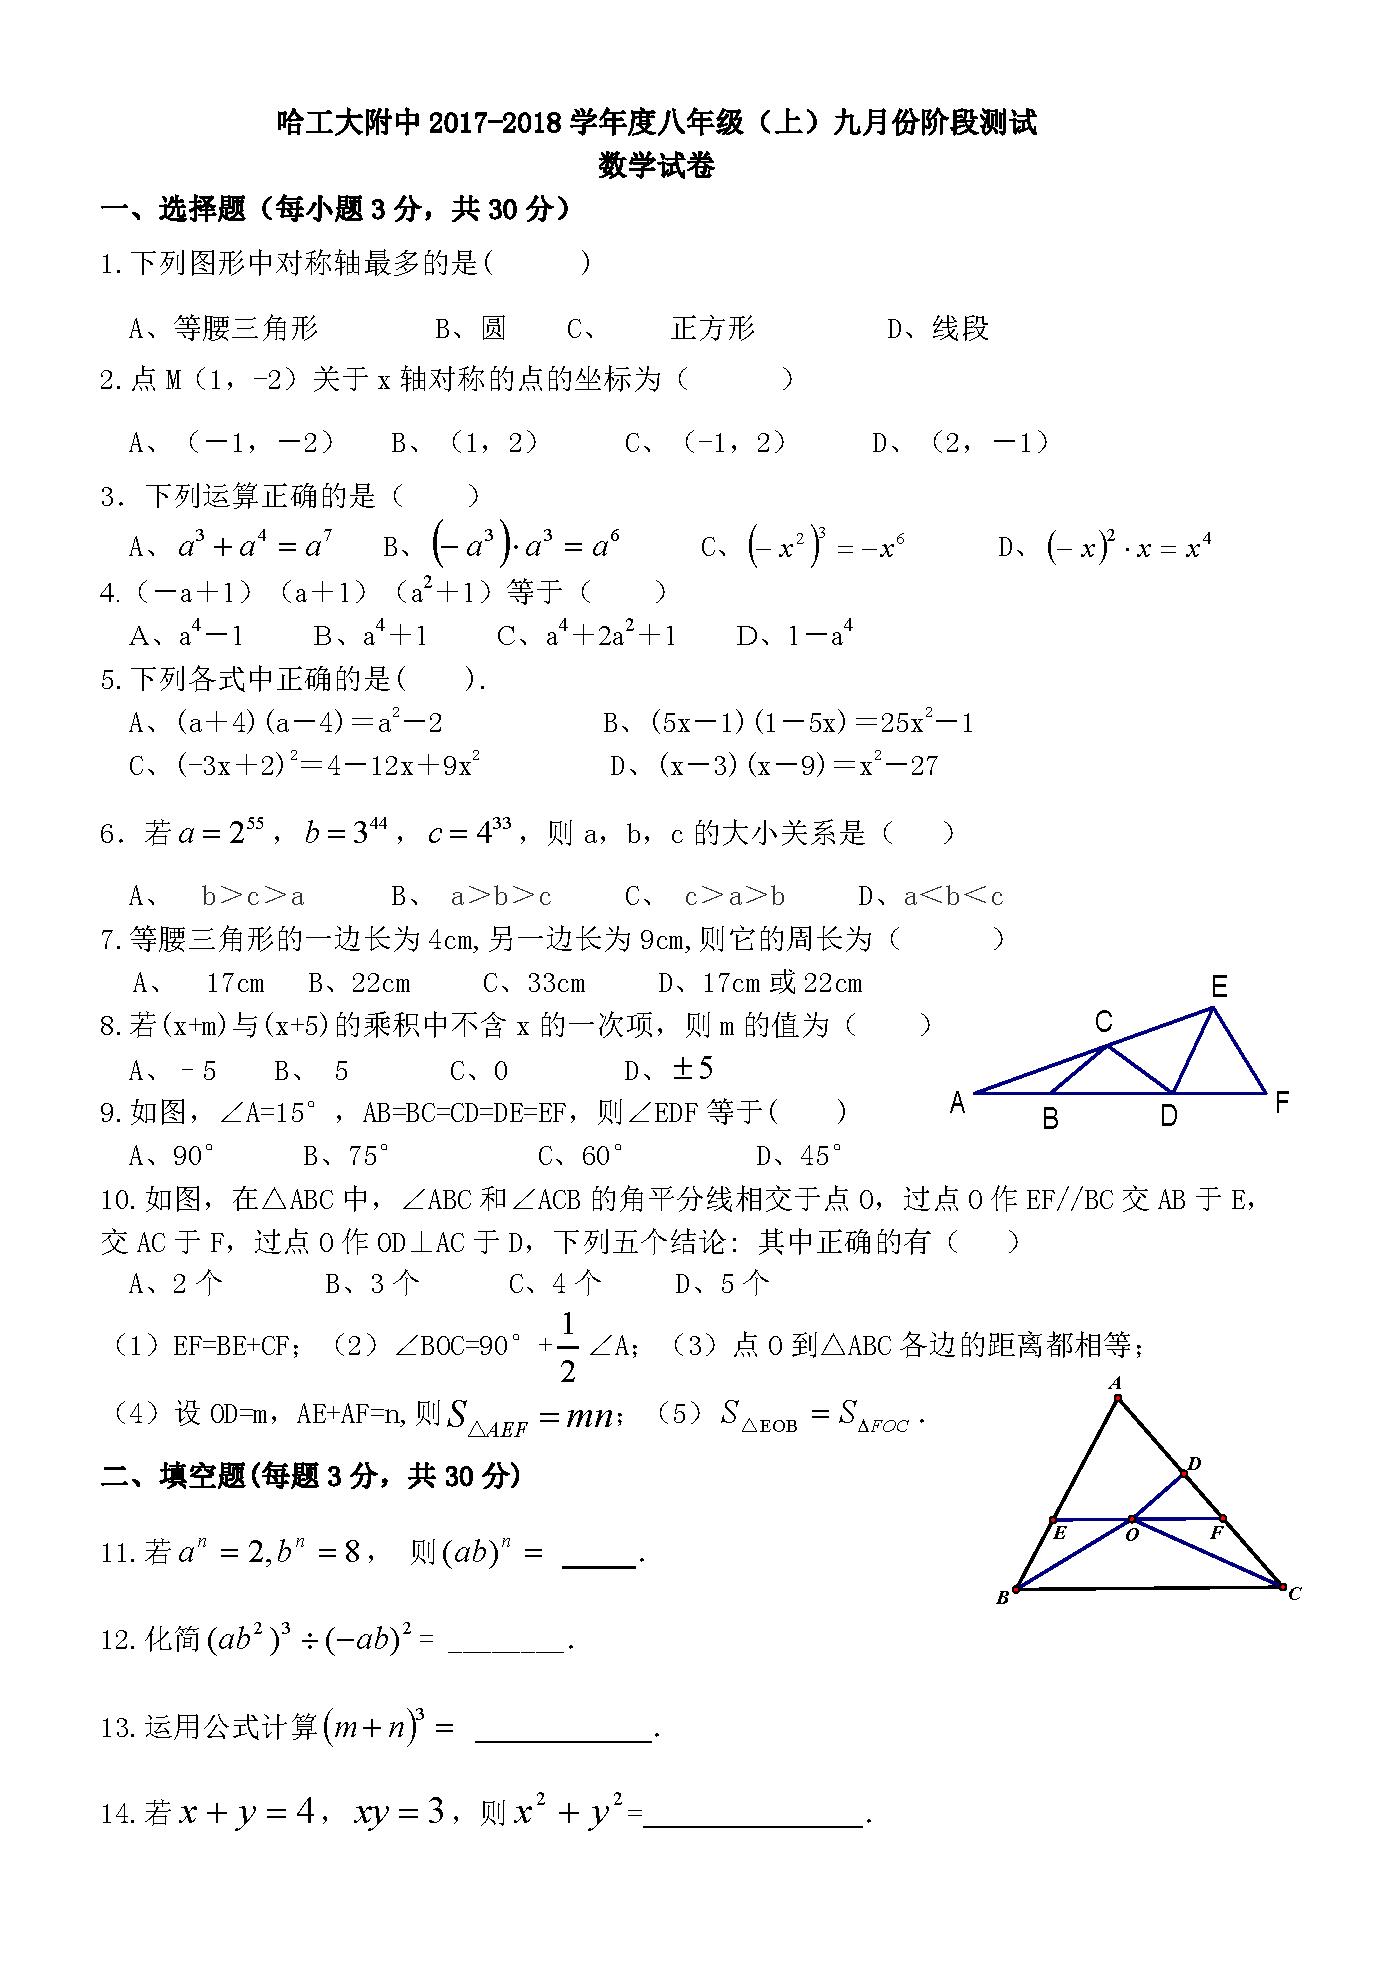 黑龙江哈工大附中2018届上八年级数学9月月考试卷(图片版)